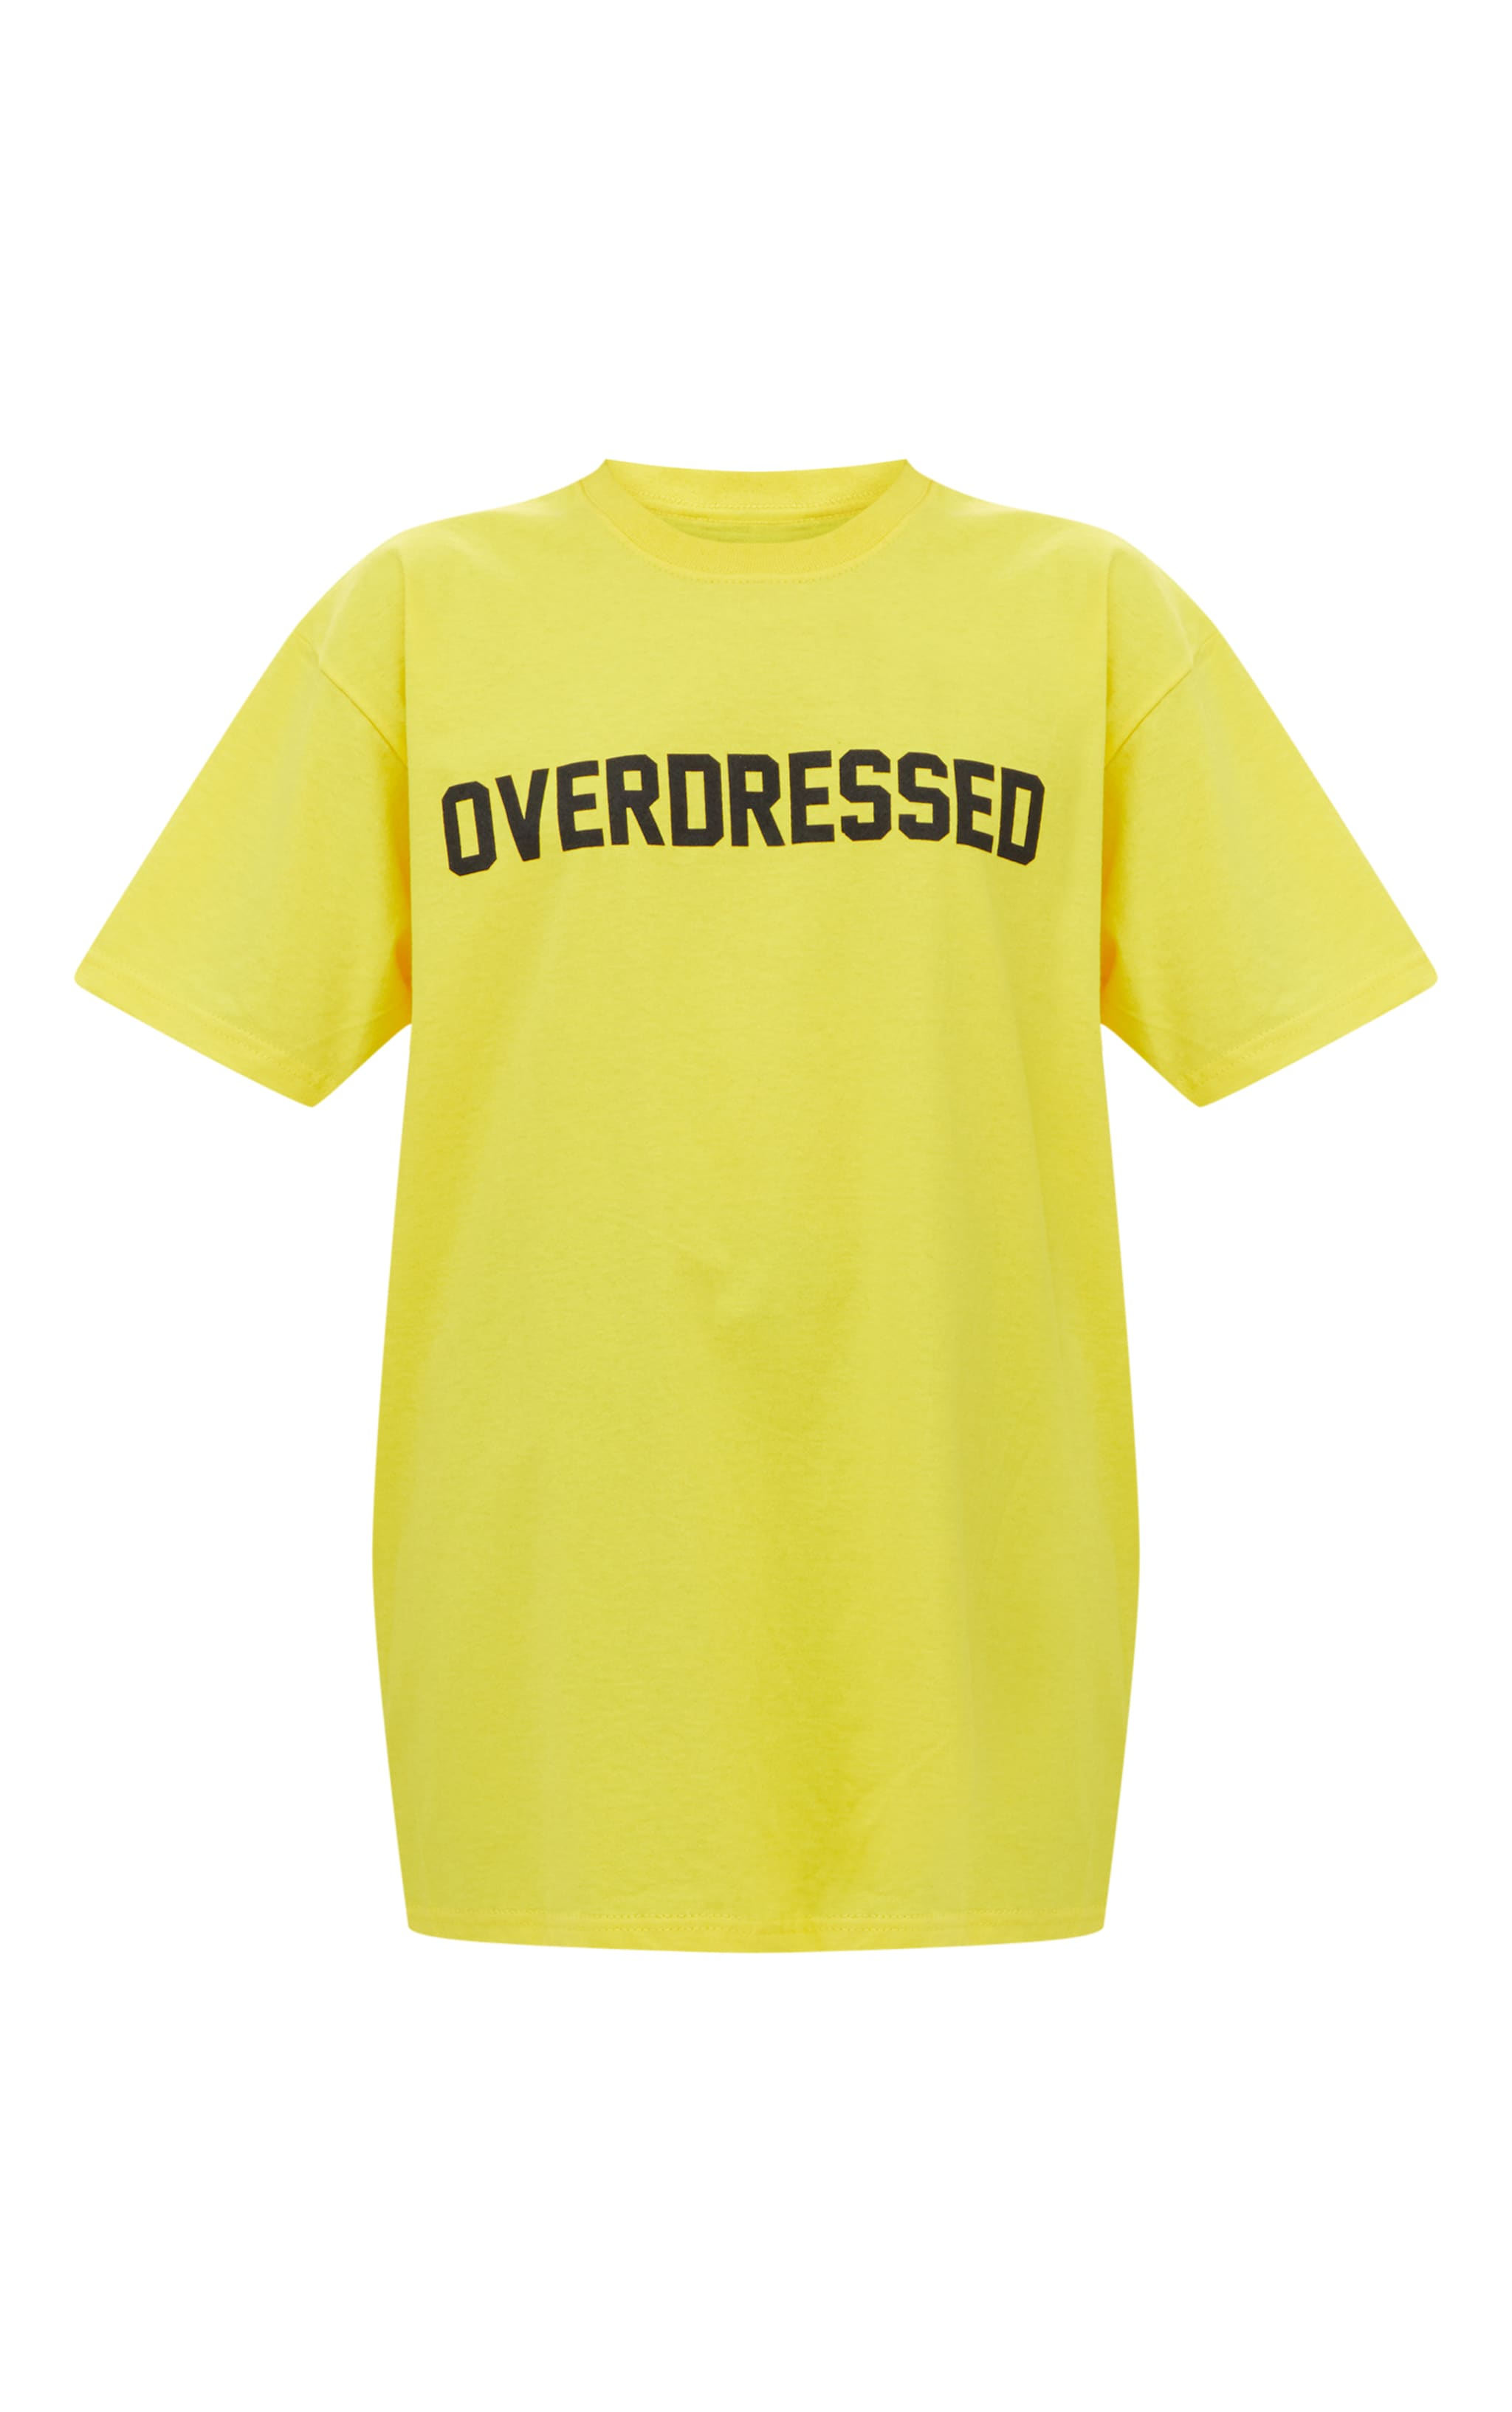 T-shirt surdimensionné jaune à slogan Overdressed 5